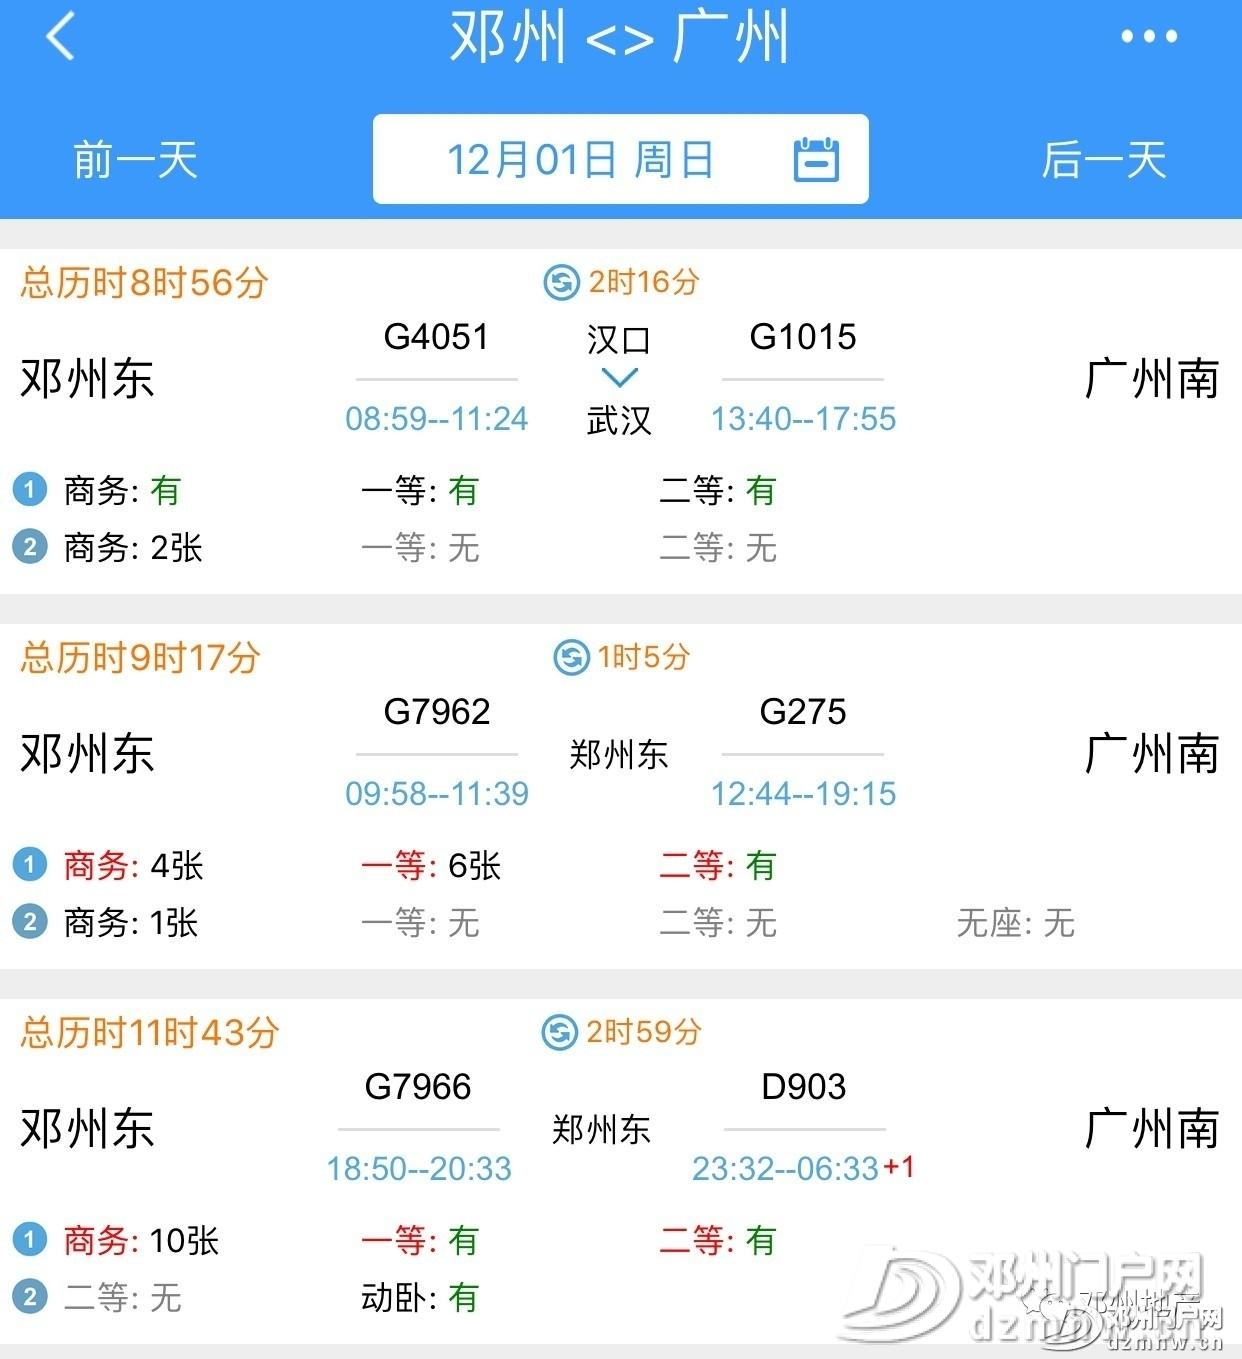 邓州高铁通往北上广深杭津成等城市票价和时刻表来了 - 邓州门户网 邓州网 - 340687989b9a1420b2b4f053359cd744.jpg